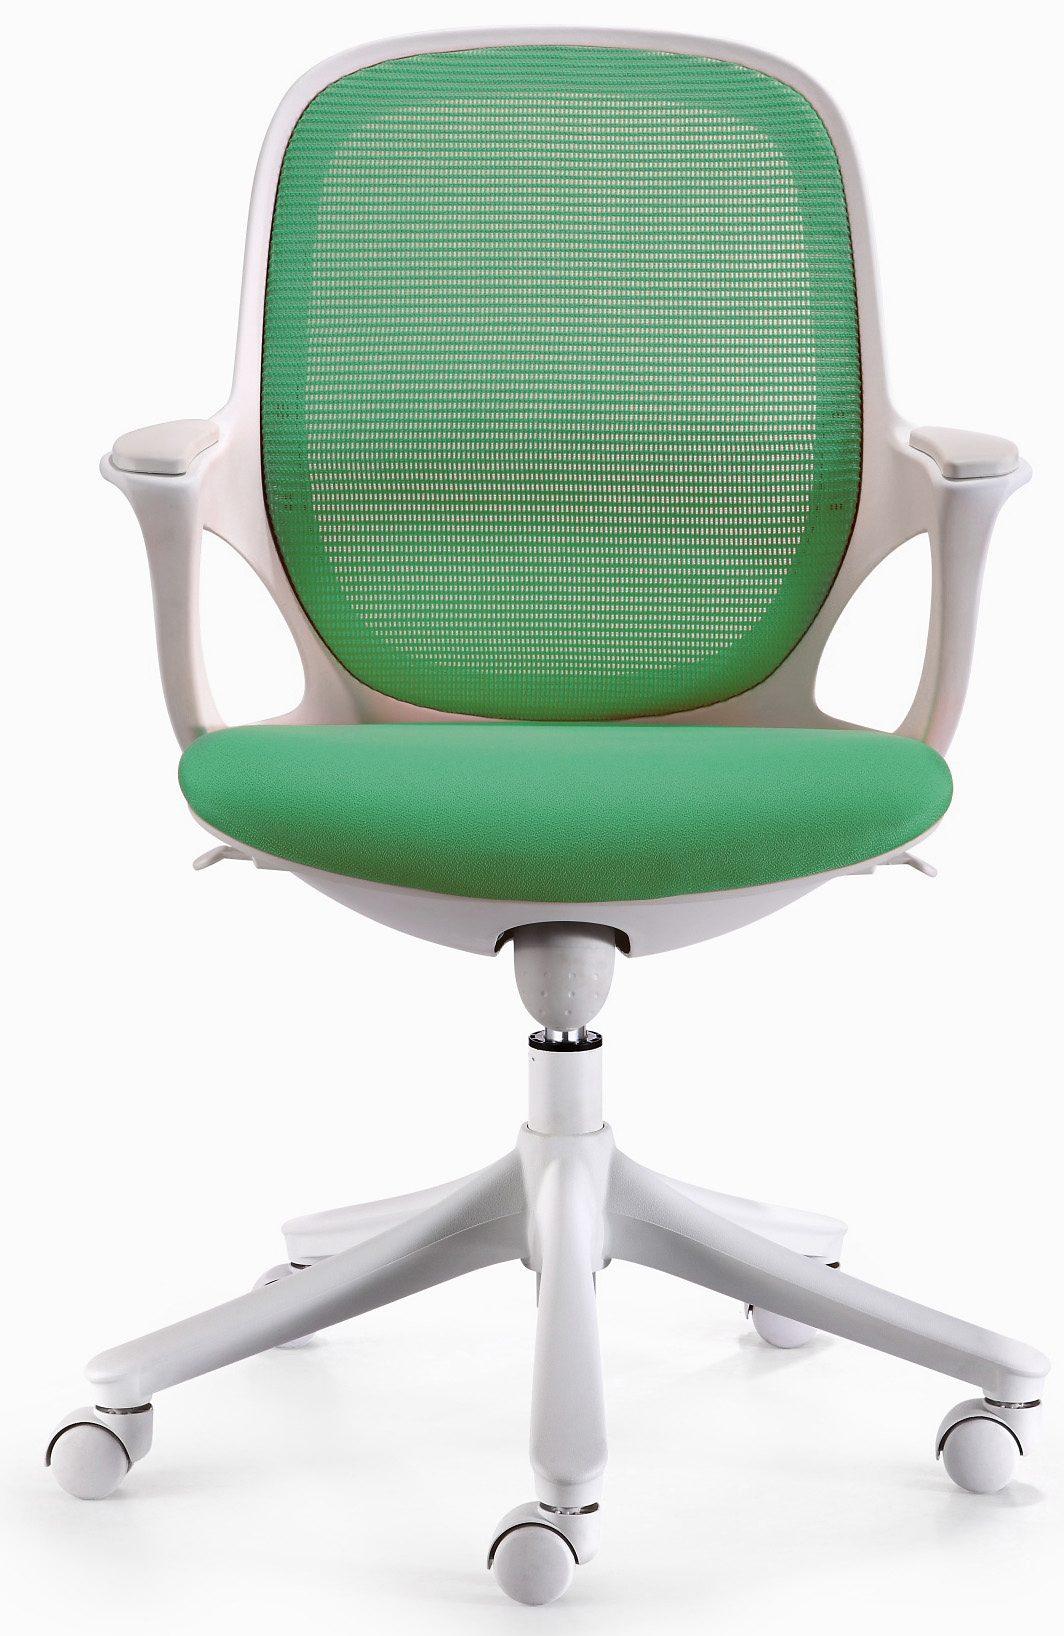 Nylon Chefsessel Online Kaufen Möbel Suchmaschine Ladendirektde